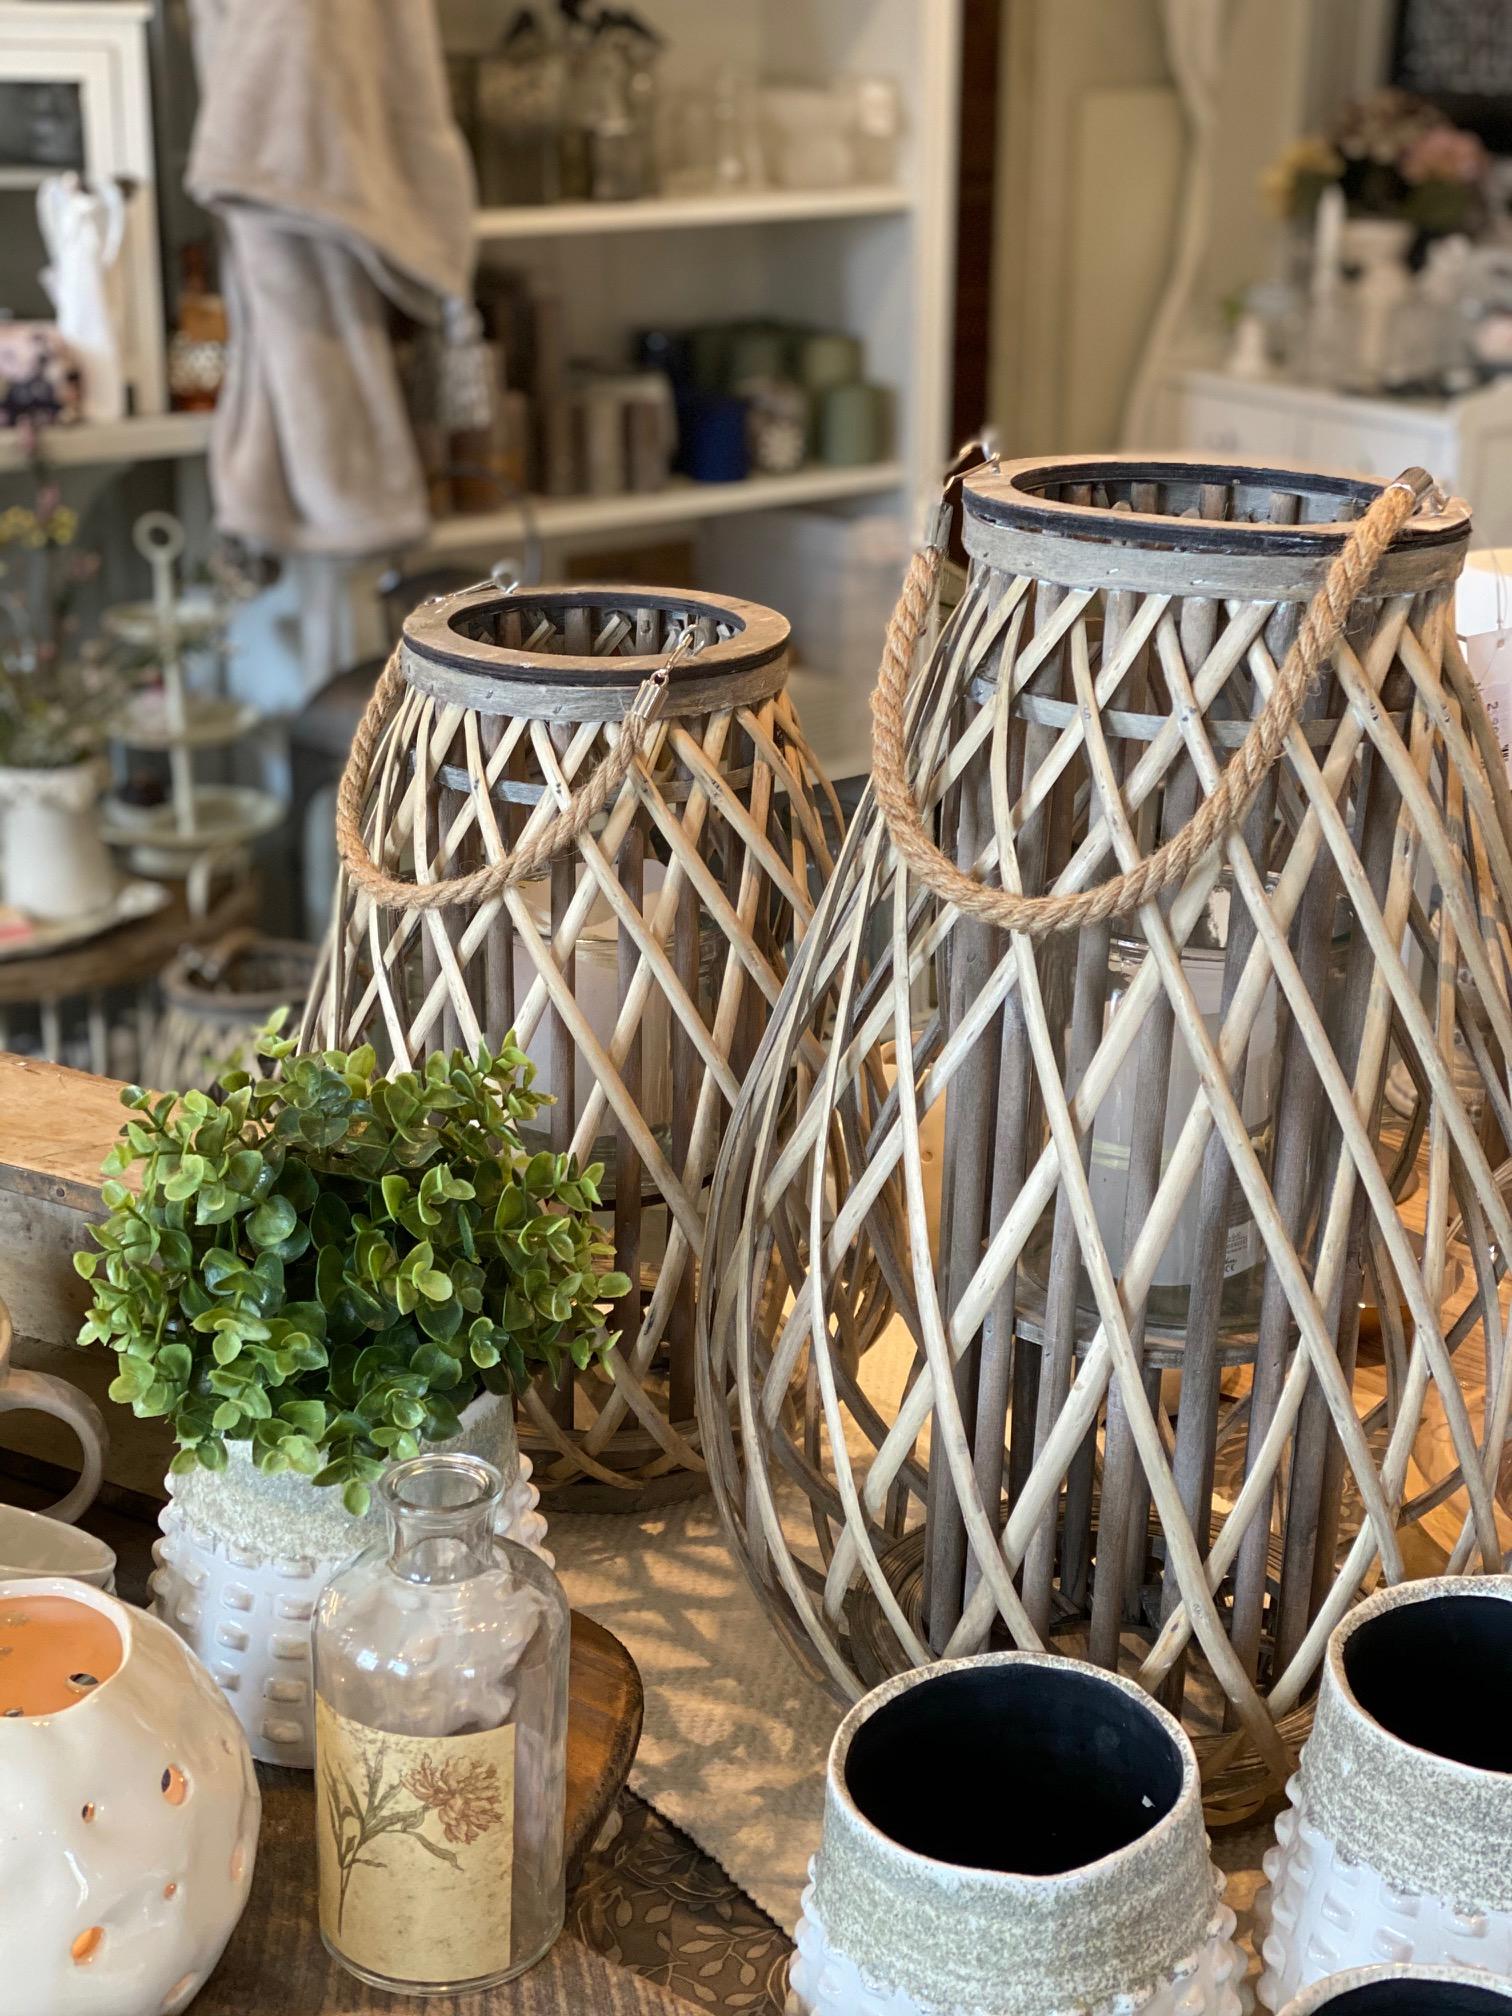 Gemla Station Inredning & Café Evedal Invest AB